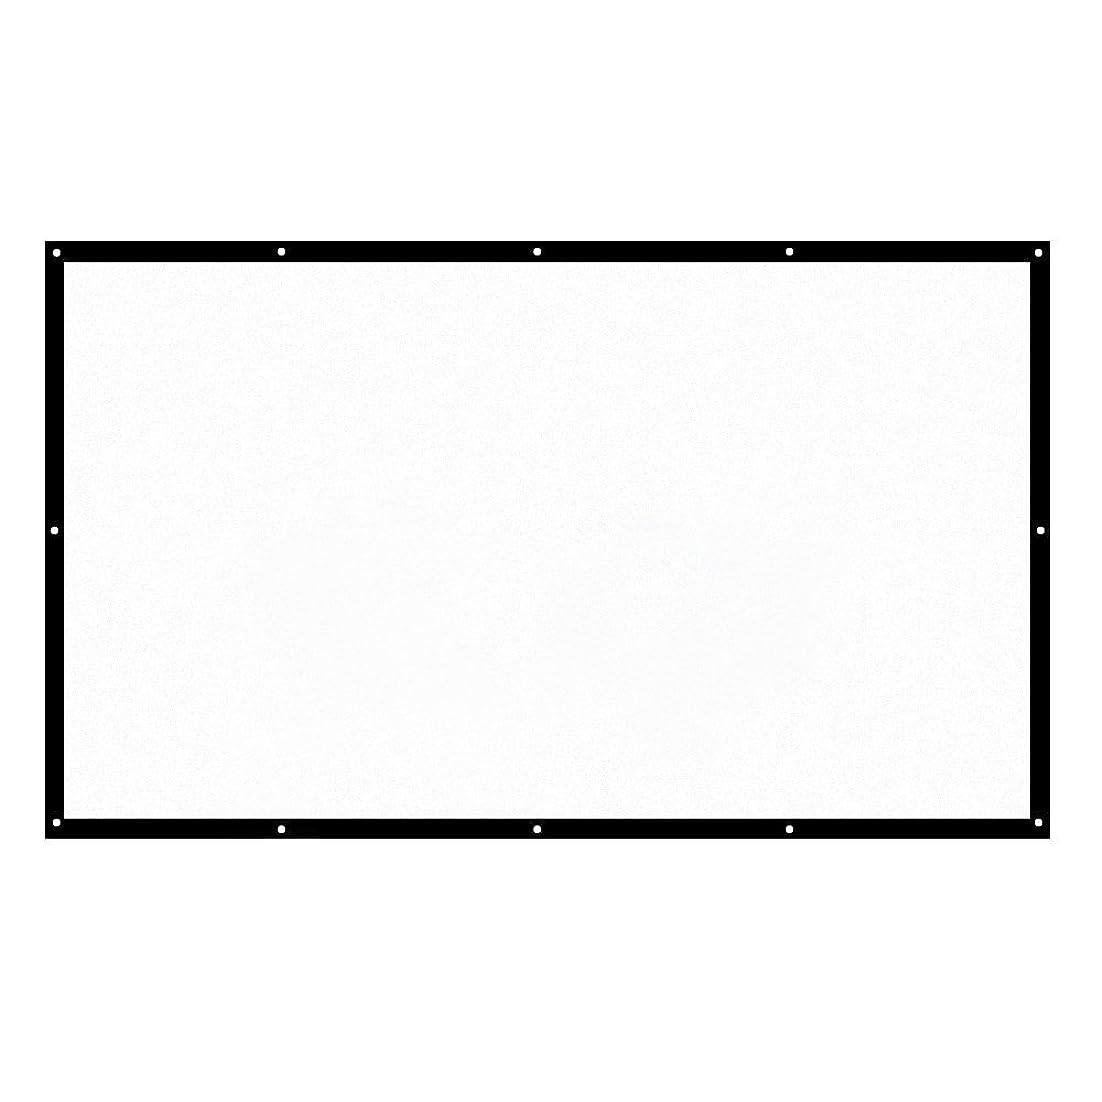 リンケージ地理誠実KKmoon H150 150 ポータブルプロジェクター スクリーンHD 16:9ホワイトダクロン150インチ対角ビデオ投影スクリーン折りたたみ壁掛けホームシアターオフィス映画室内で屋外